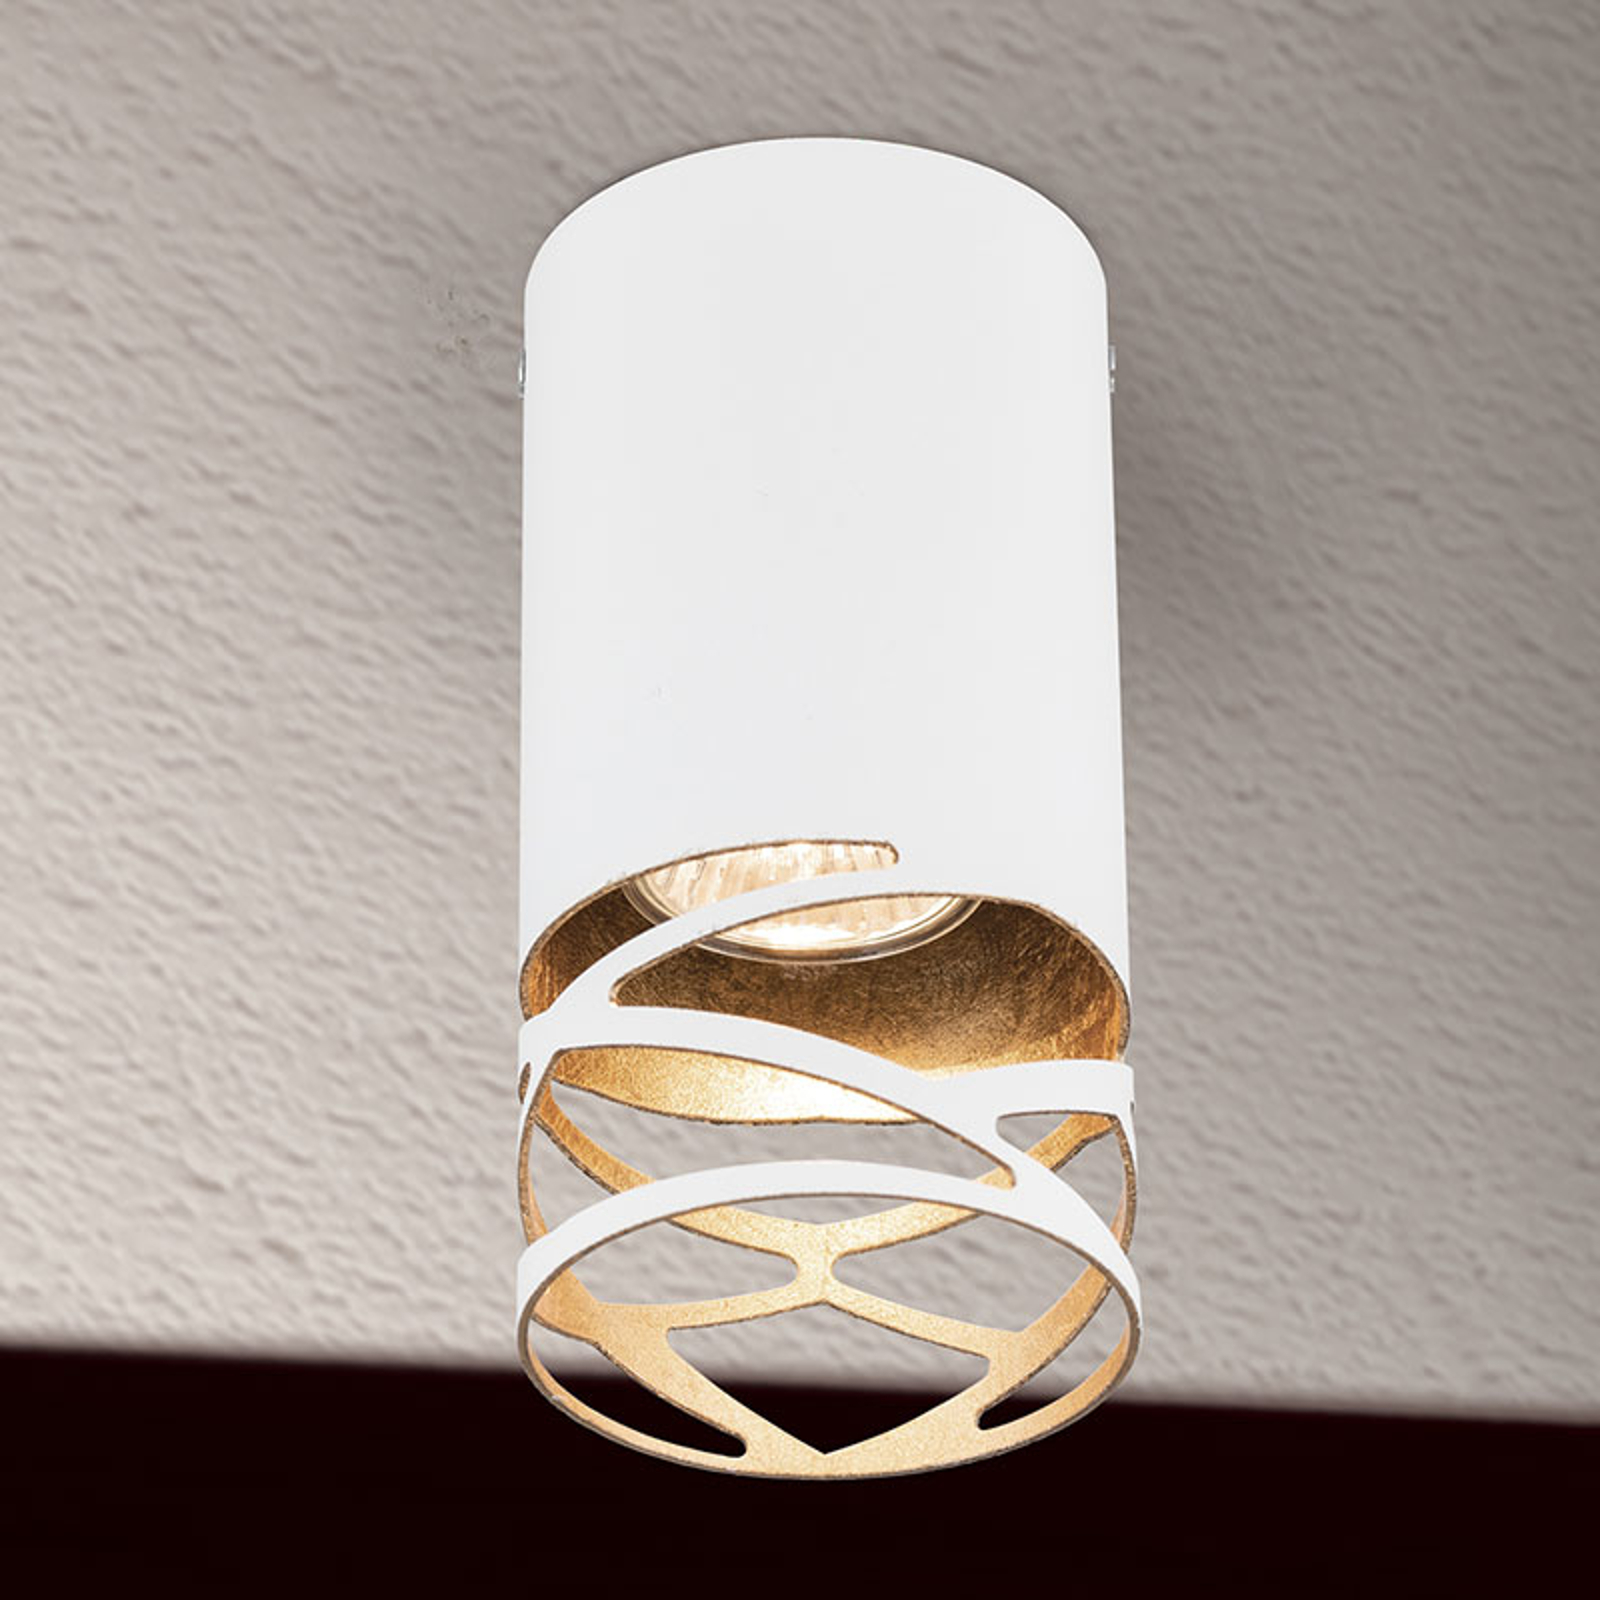 Lampa sufitowa Trance z motywem wycinanym laserowo